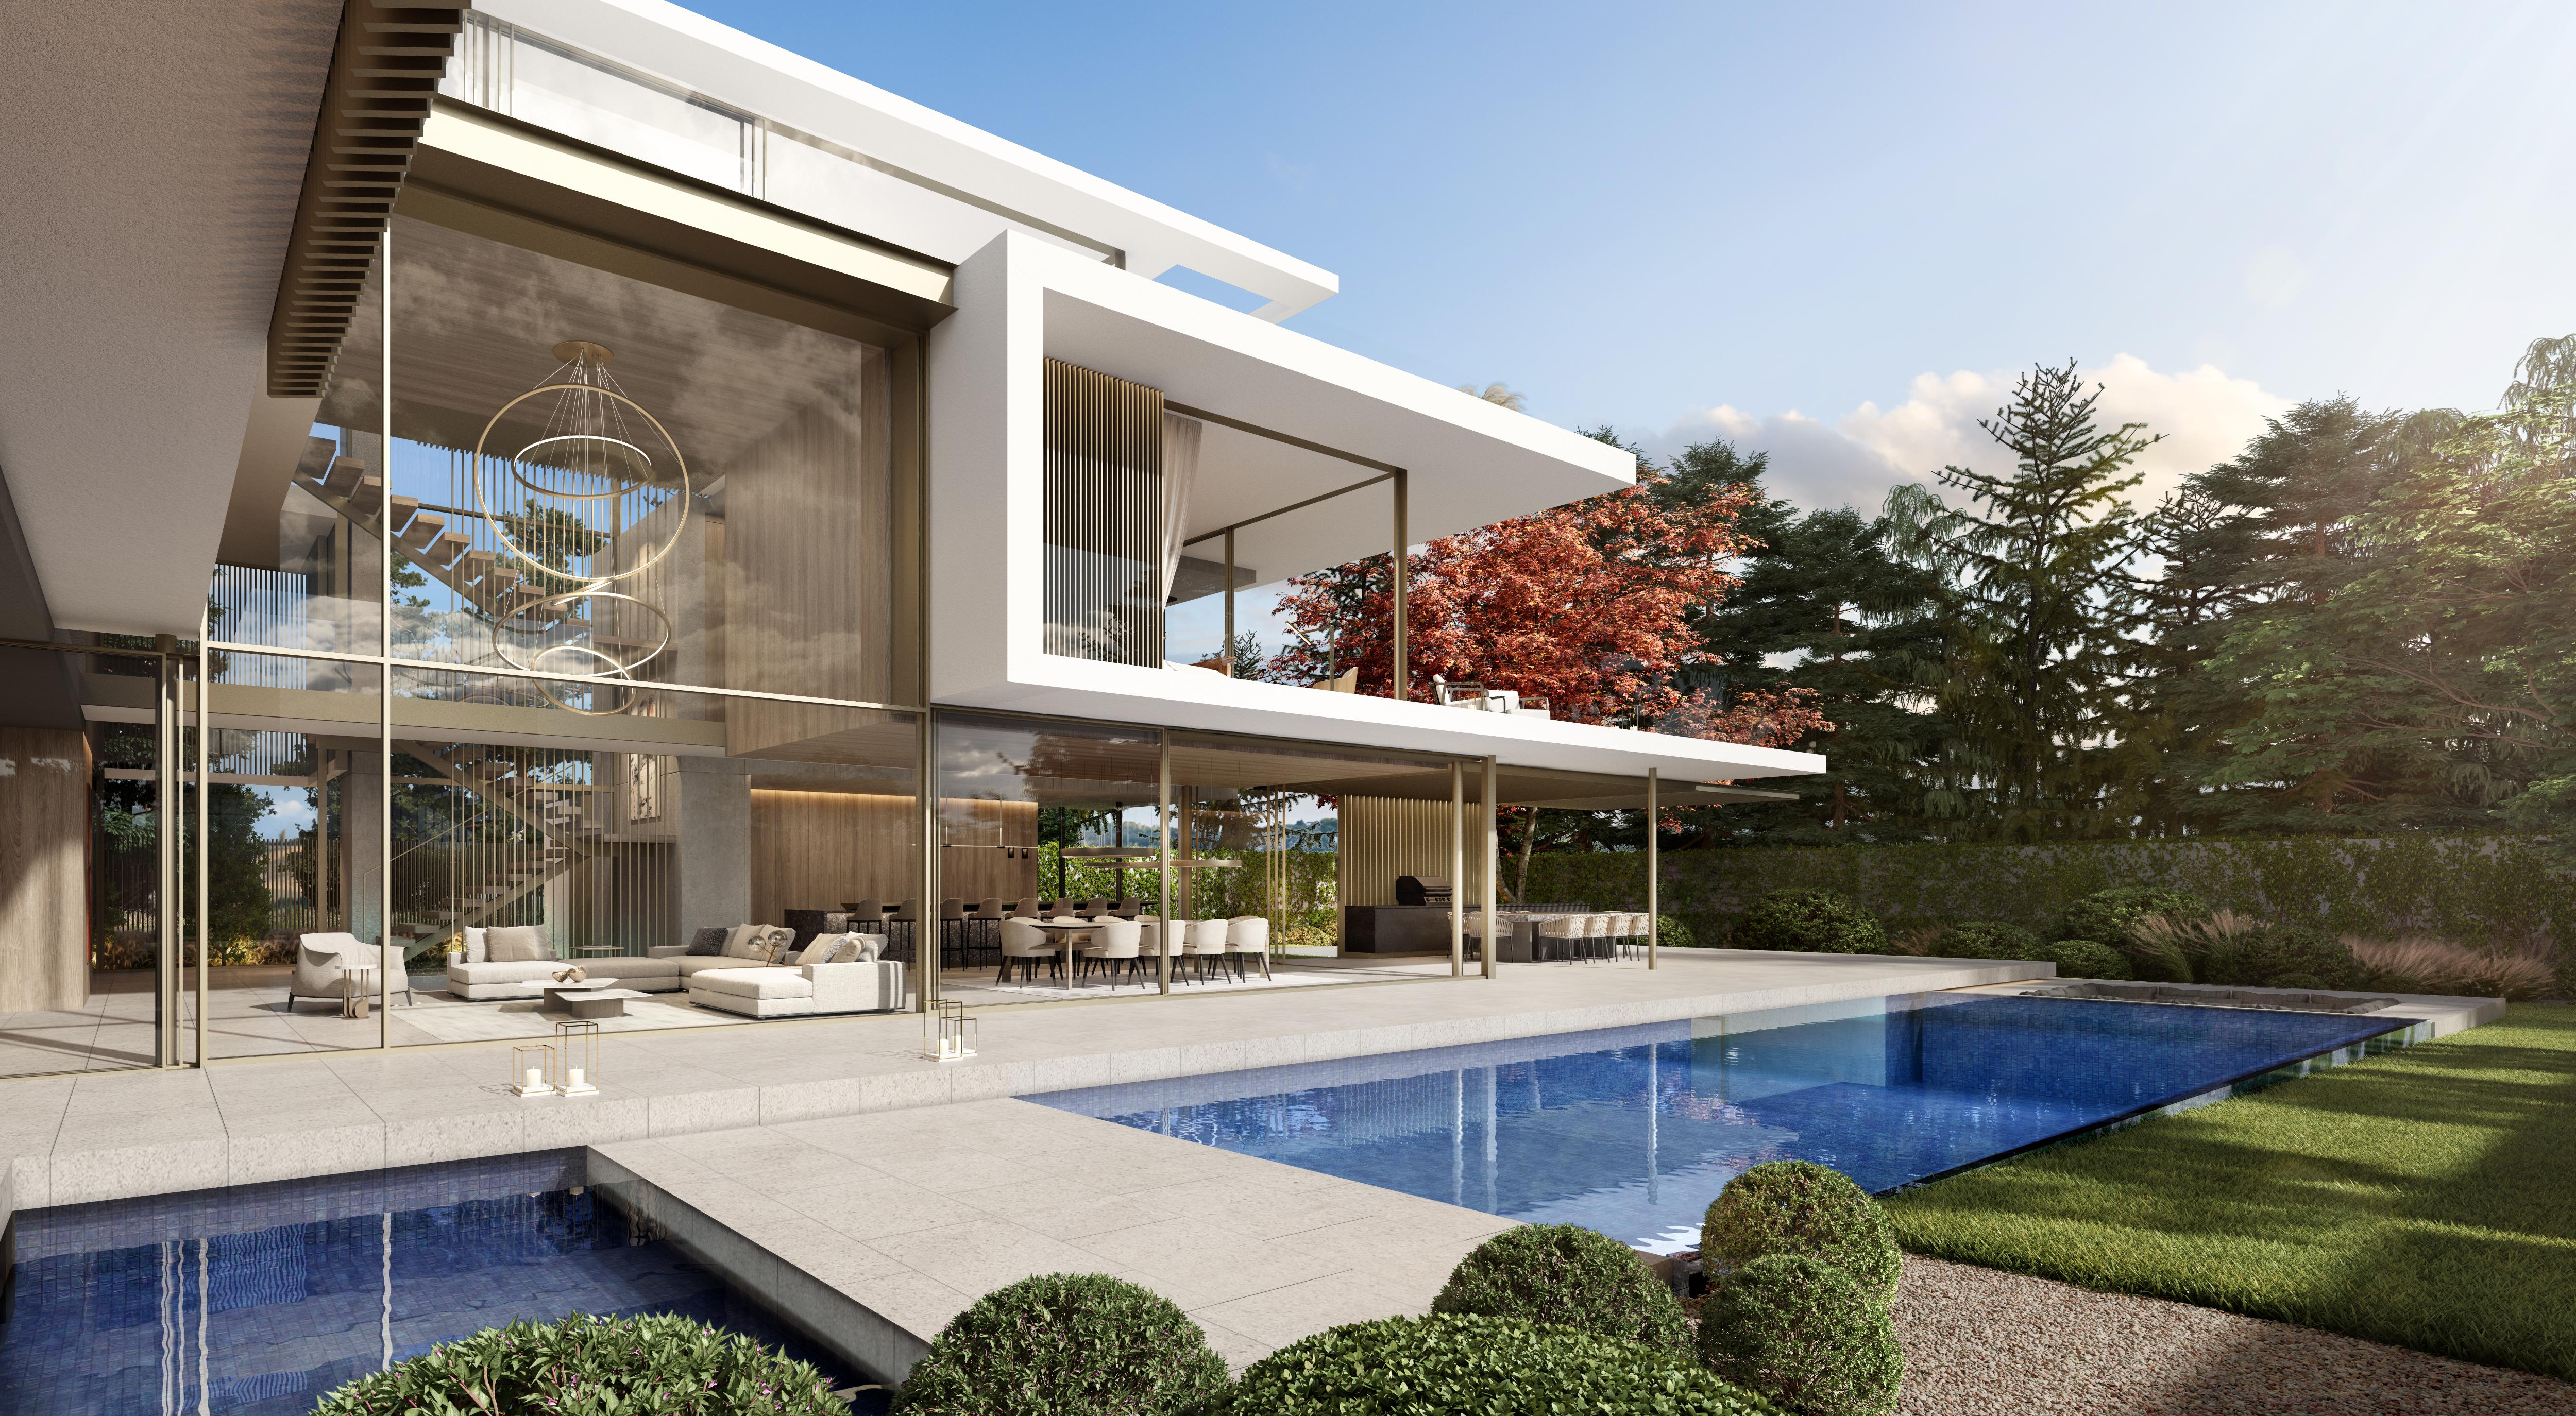 CH_VillaOlivieri_A_9200_Pool Terrace Side_001_201101_01_crisp